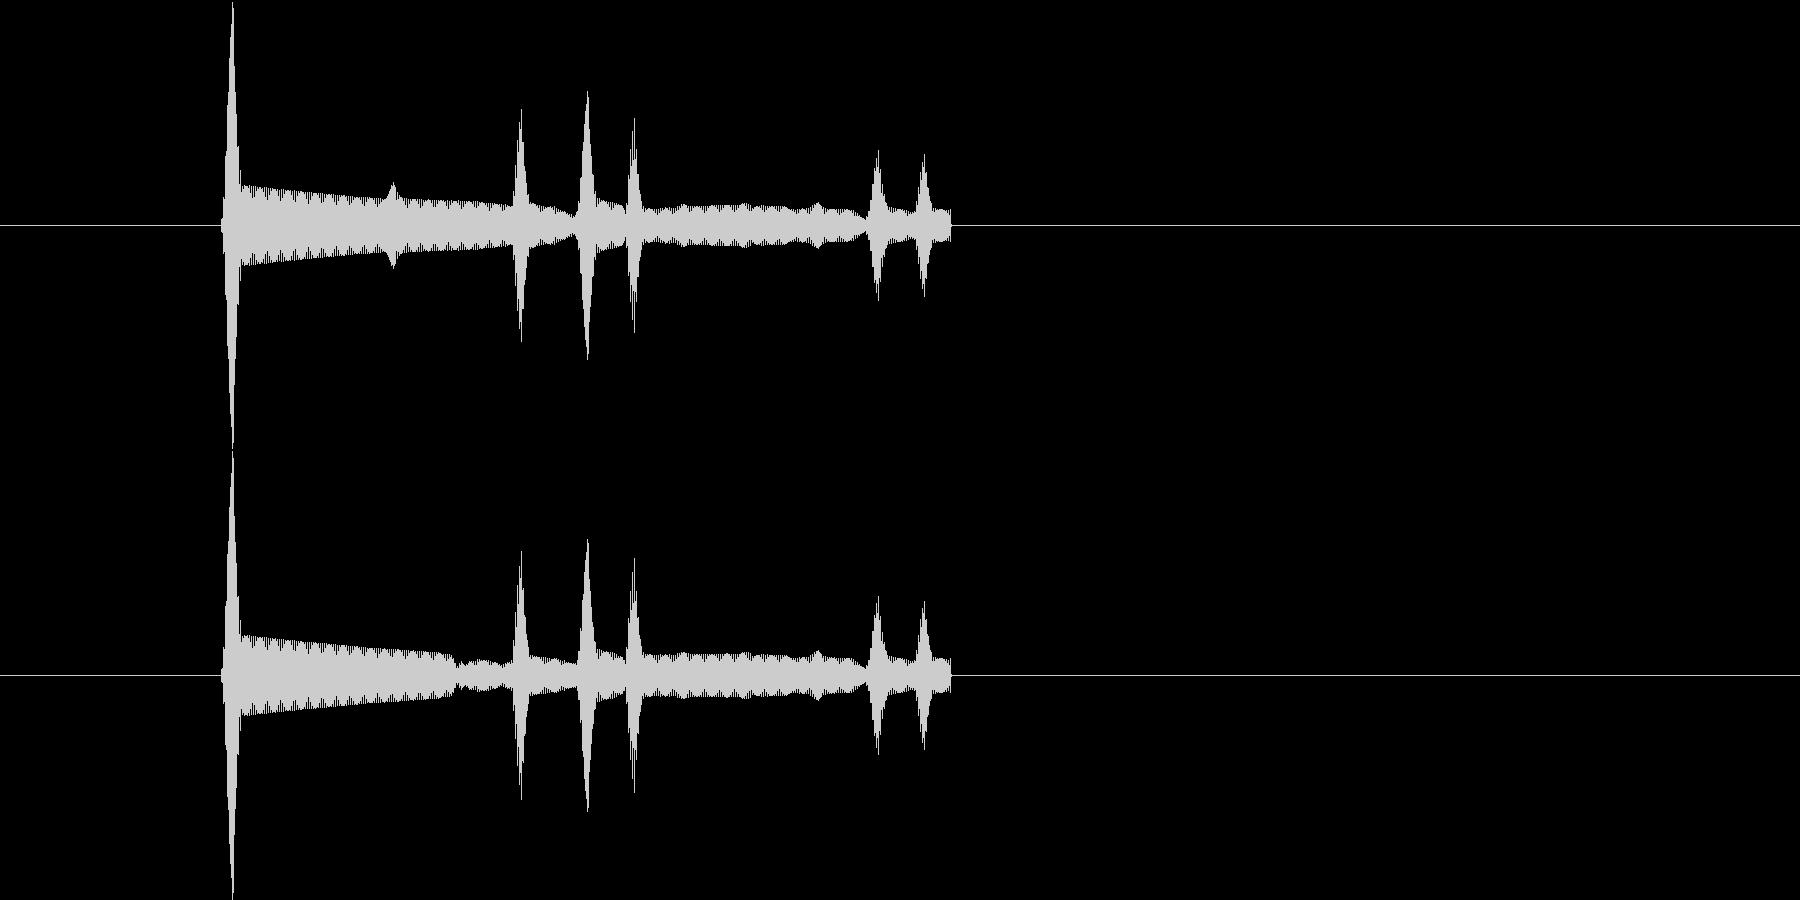 ピッという短いボタン音です。の未再生の波形